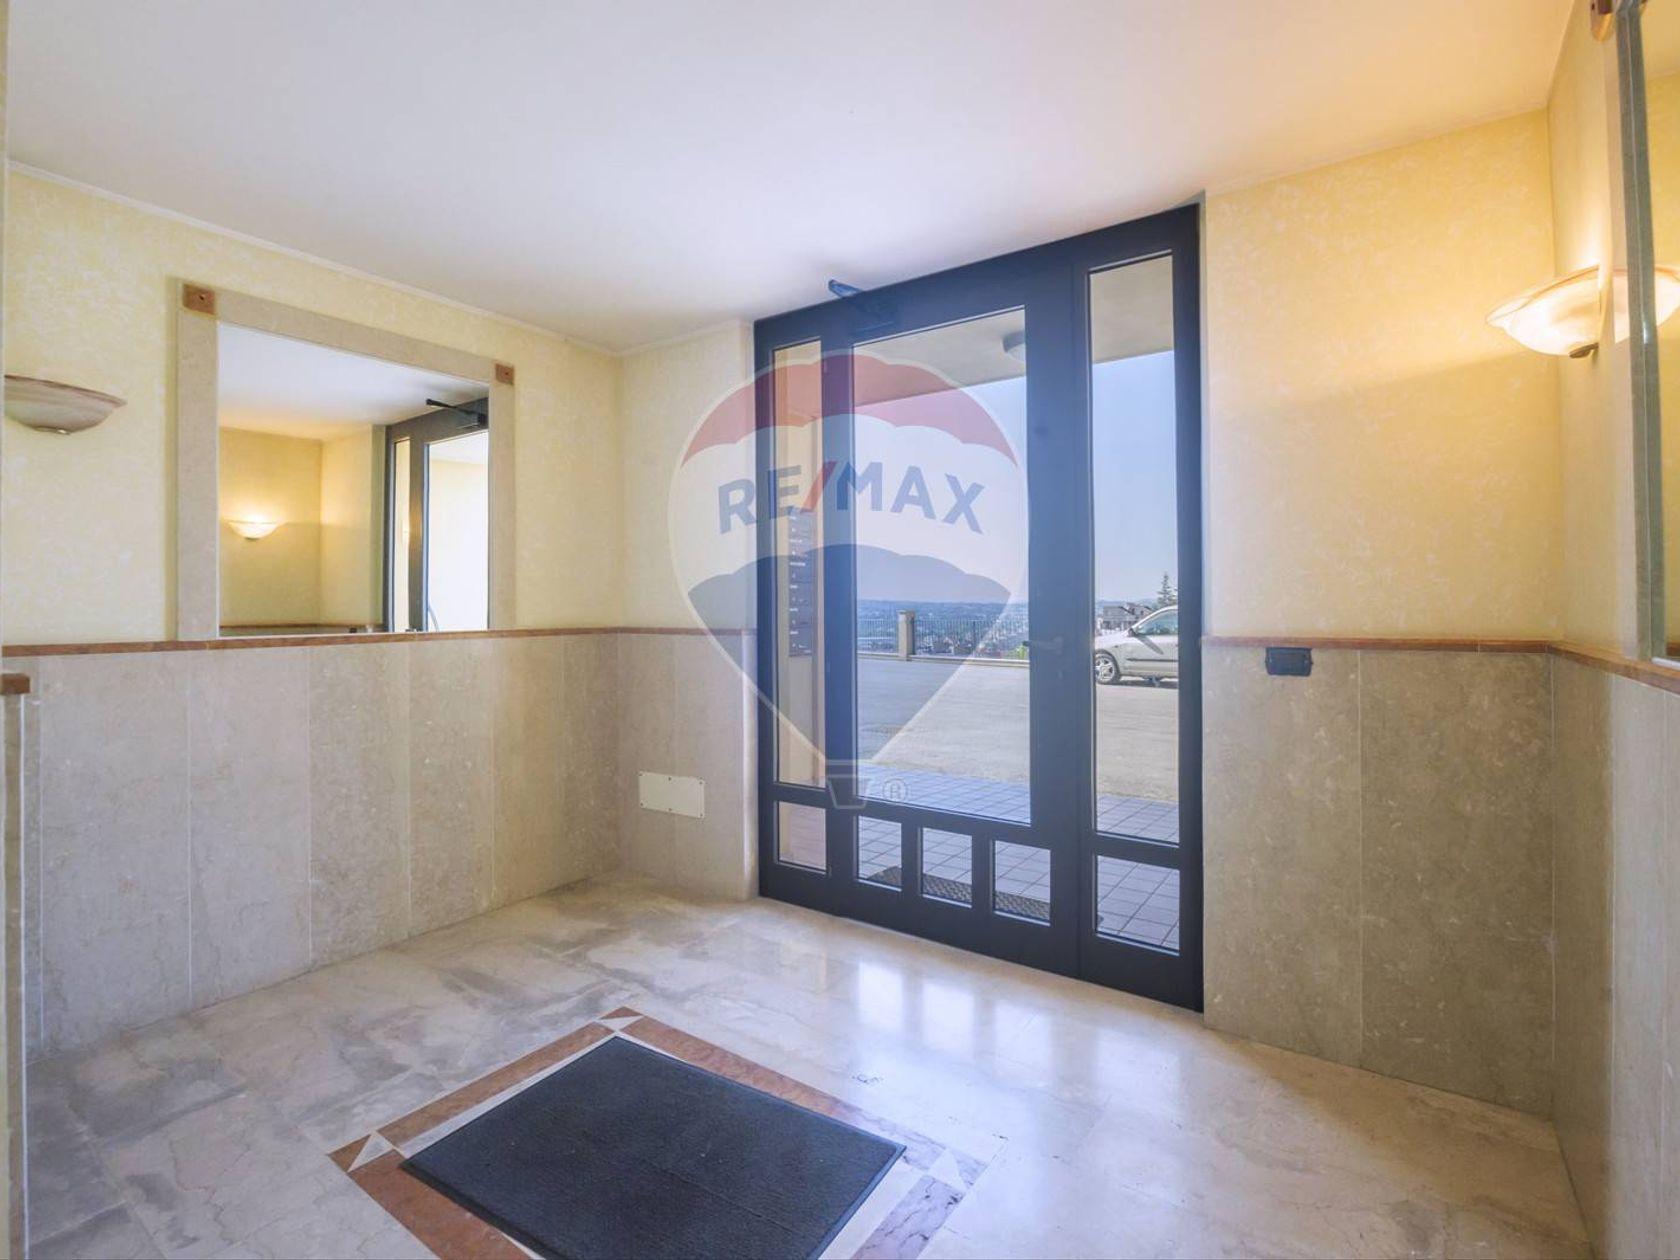 Appartamento Madonna delle Piane, Chieti, CH Vendita - Foto 5